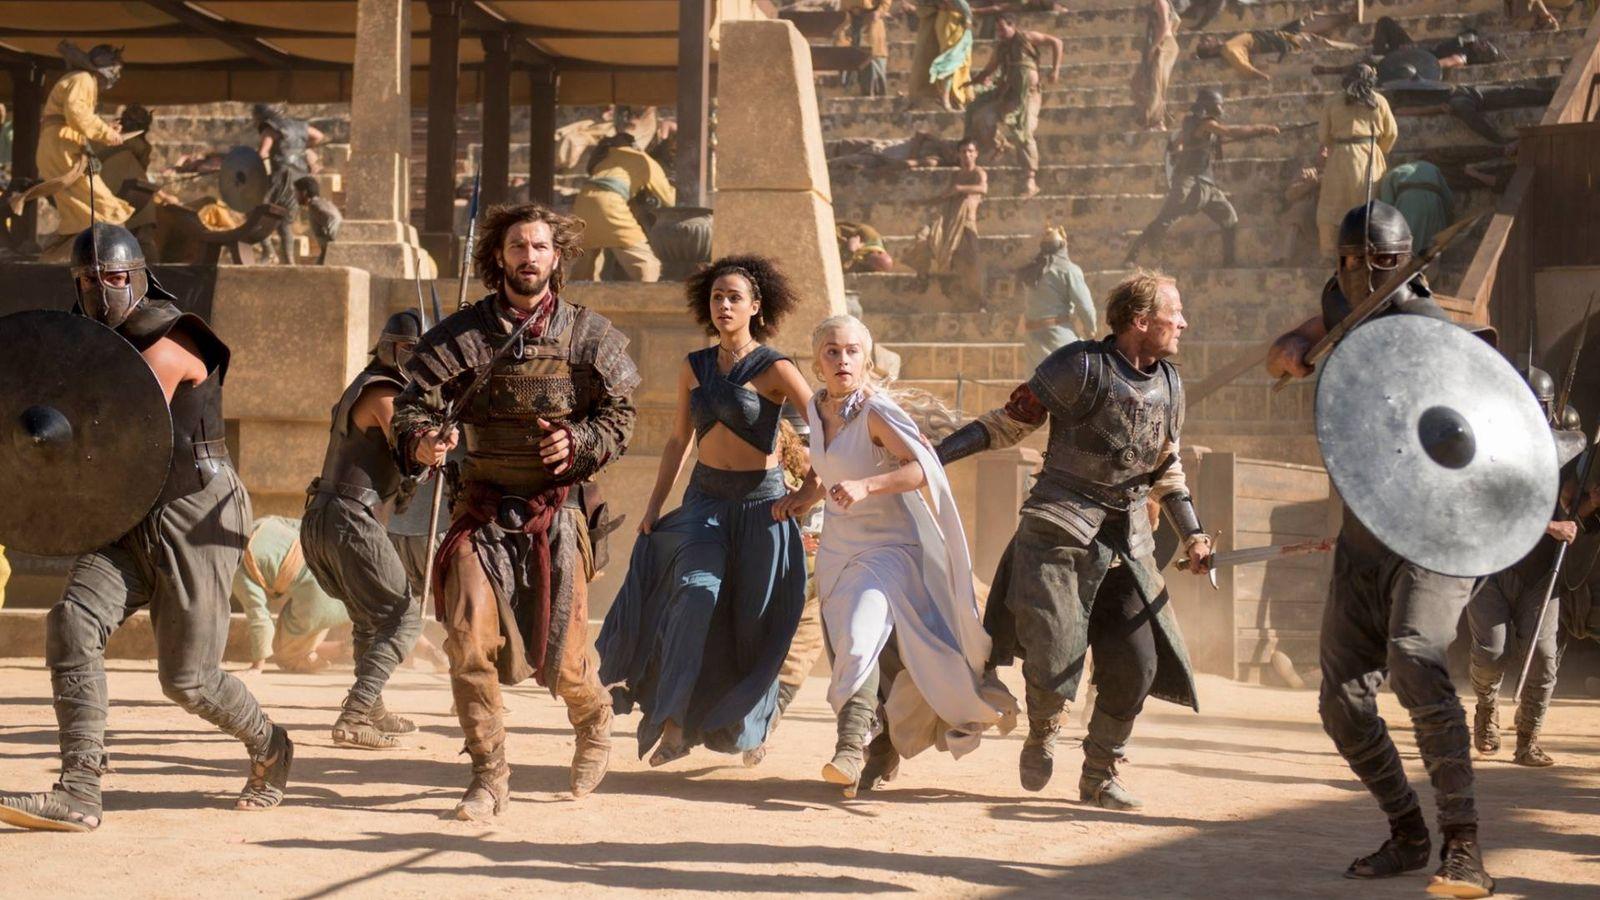 Foto: Fotograma de 'Danza de dragones', episodio de 'Juego de tronos' rodado en Sevilla. (HBO)